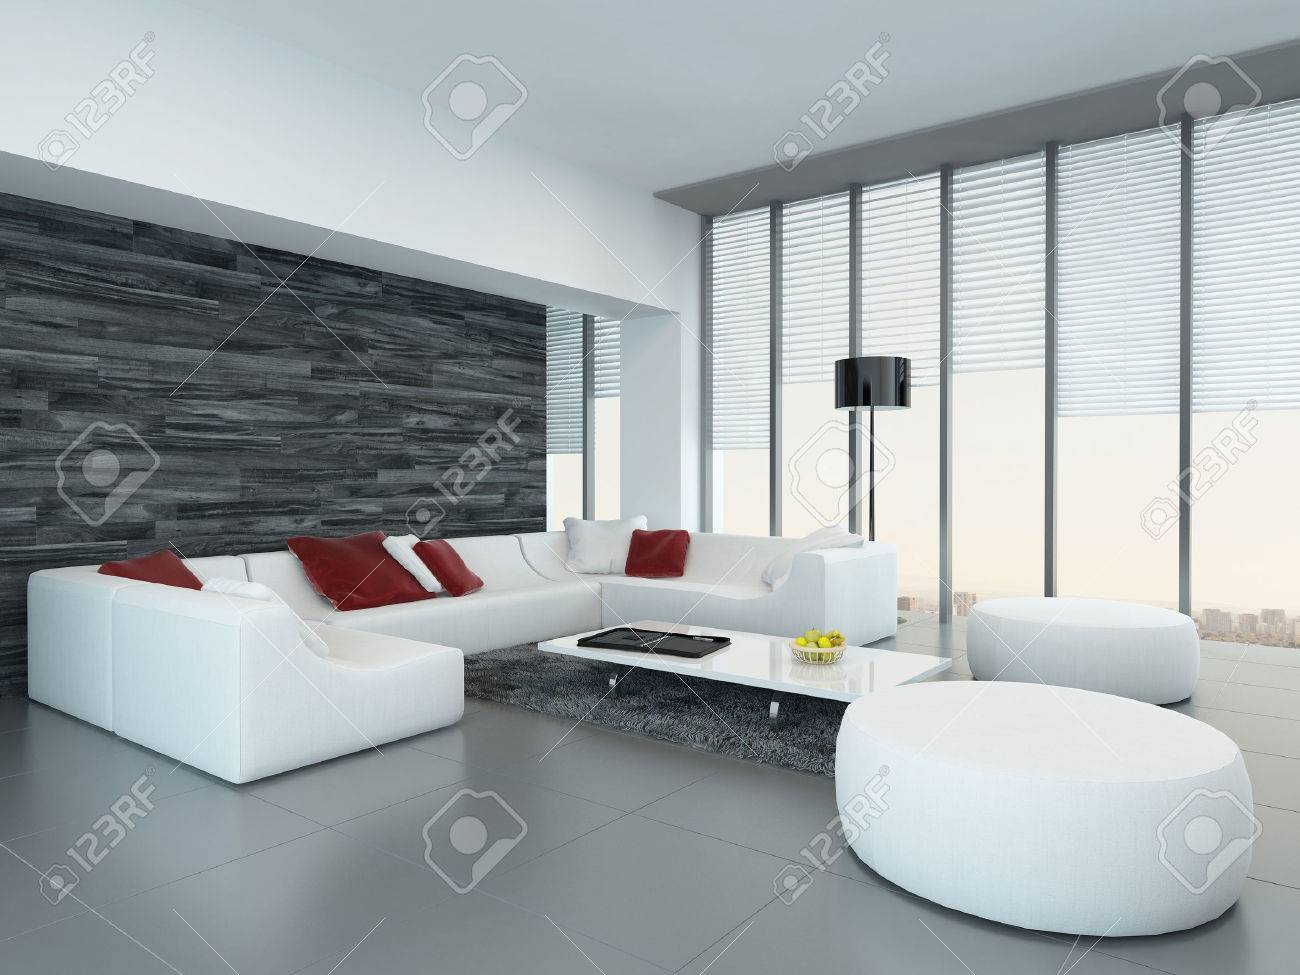 Weiß Luxus Wohnzimmer Interieur Mit Schwarzen Holzwand Standard Bild    29180954